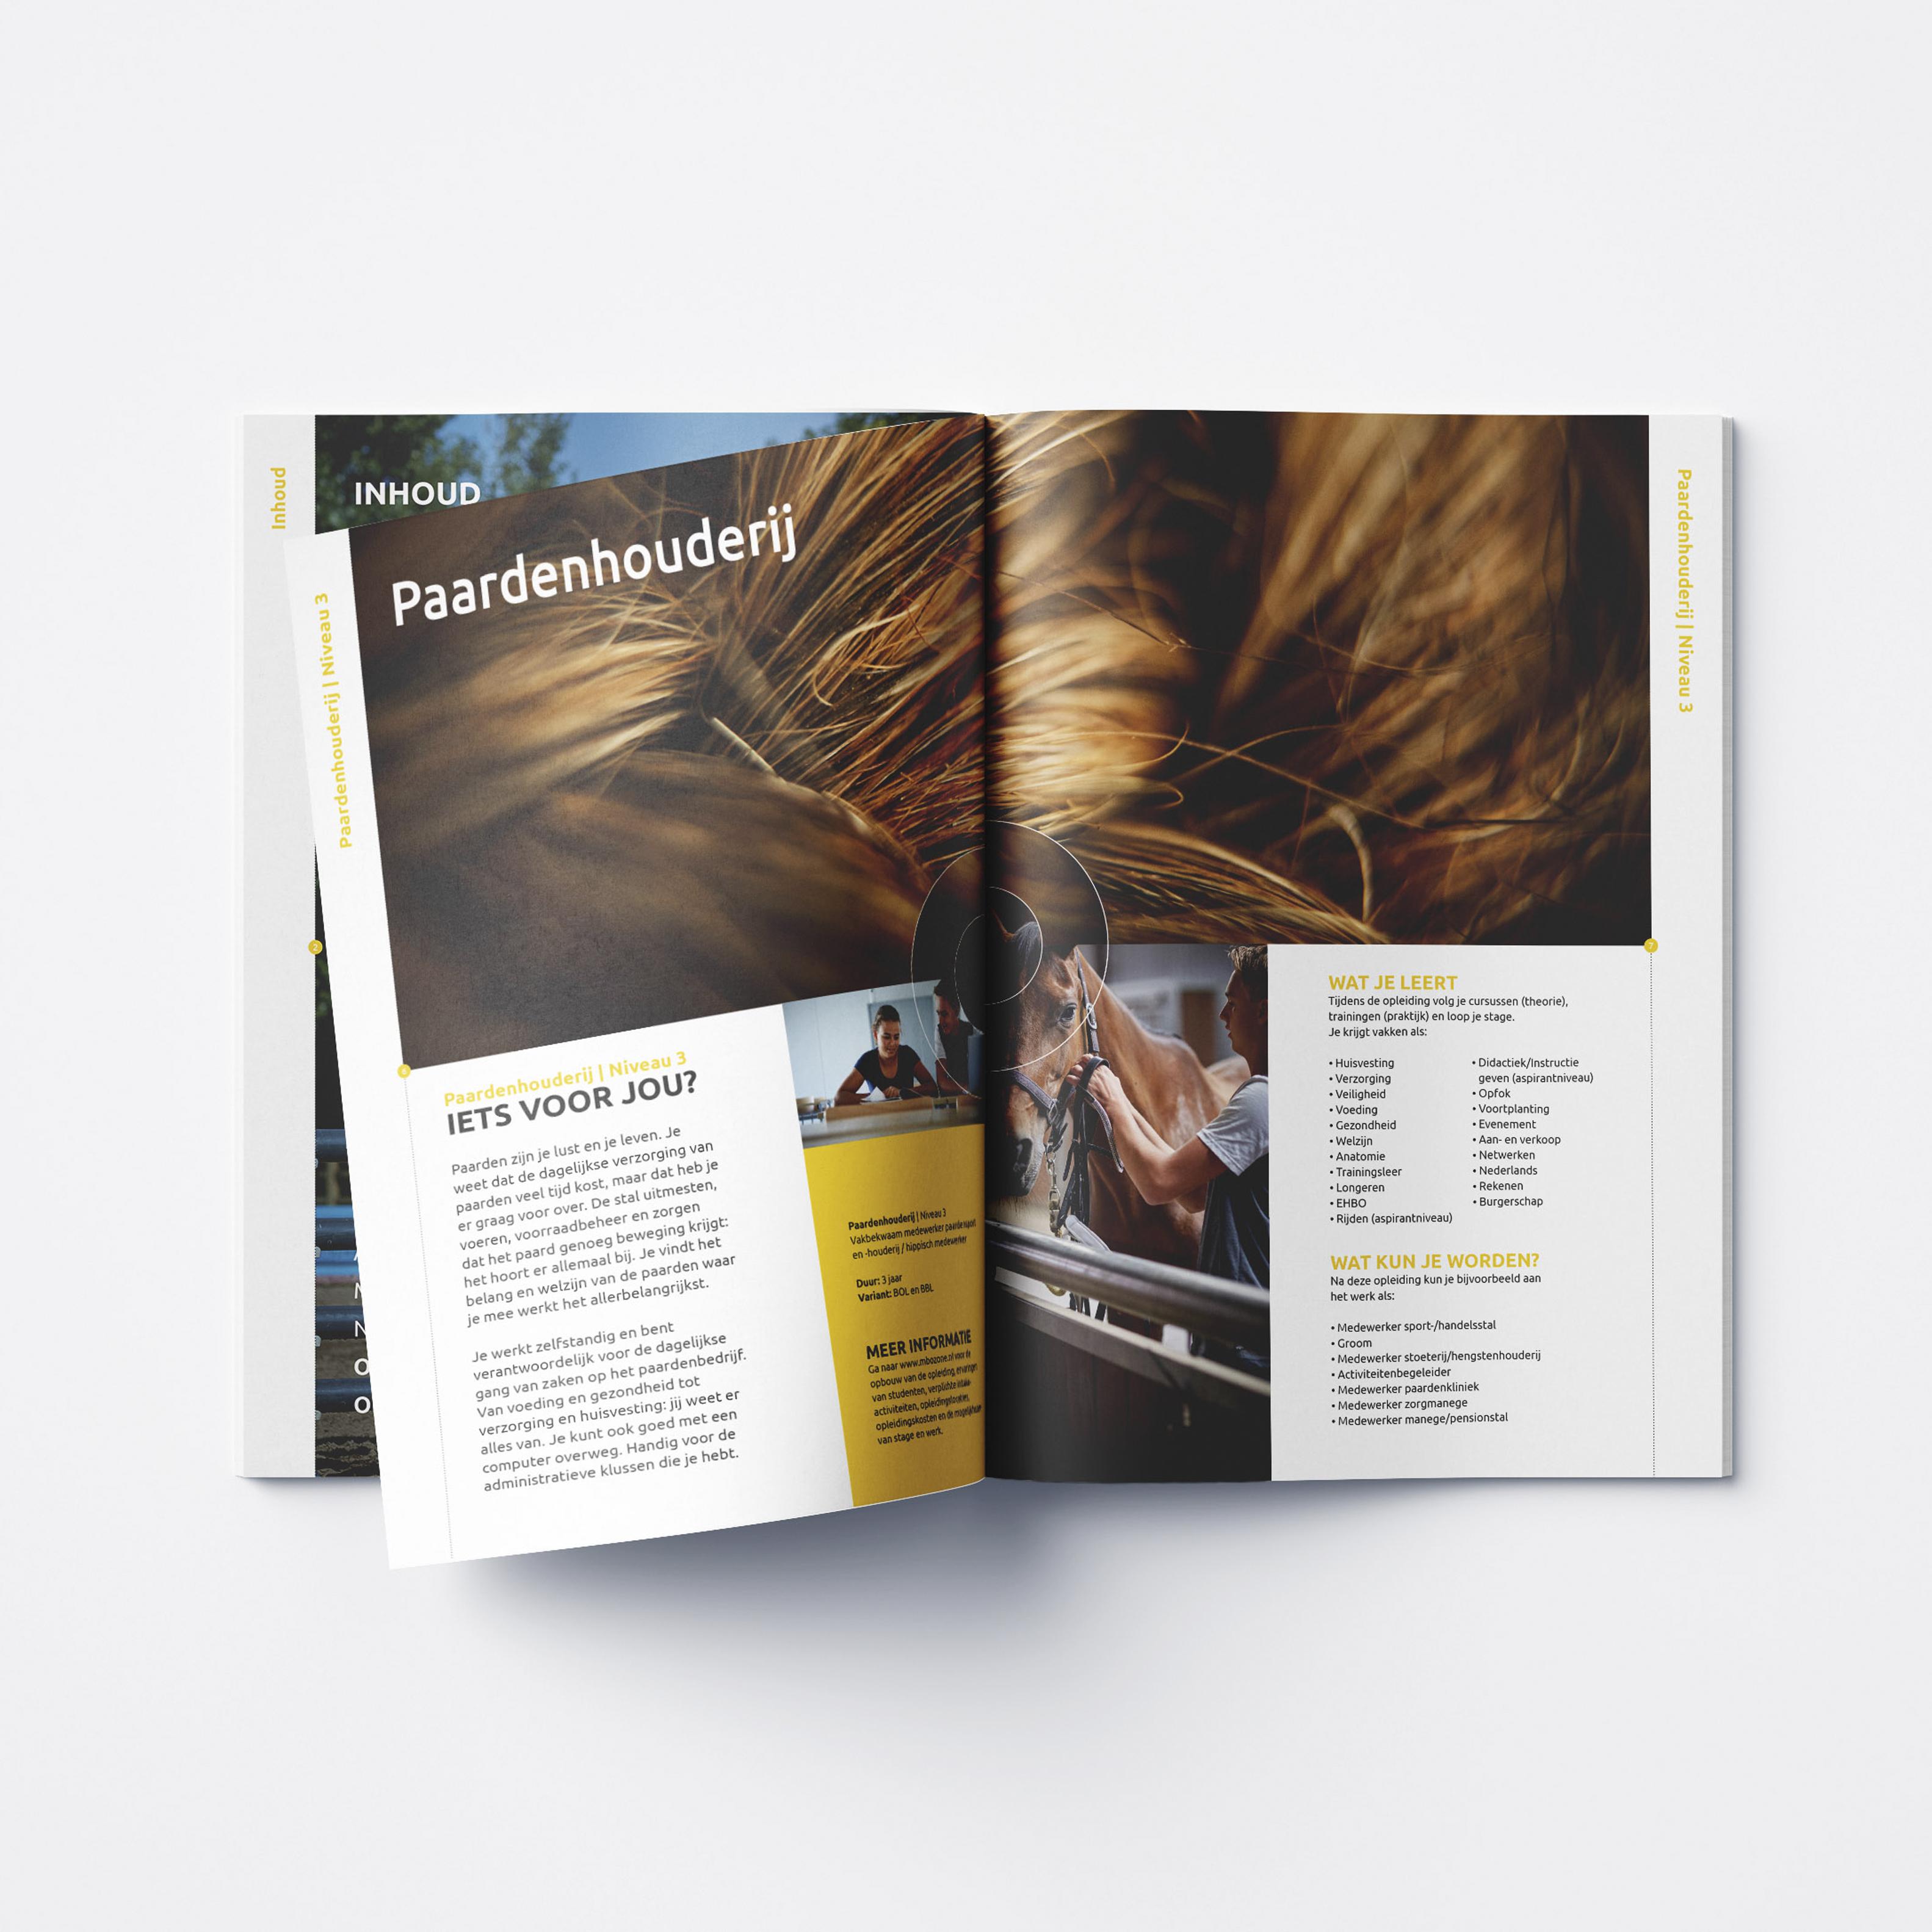 Binnenkant brochure opleiding paardenhouderij zonecollege